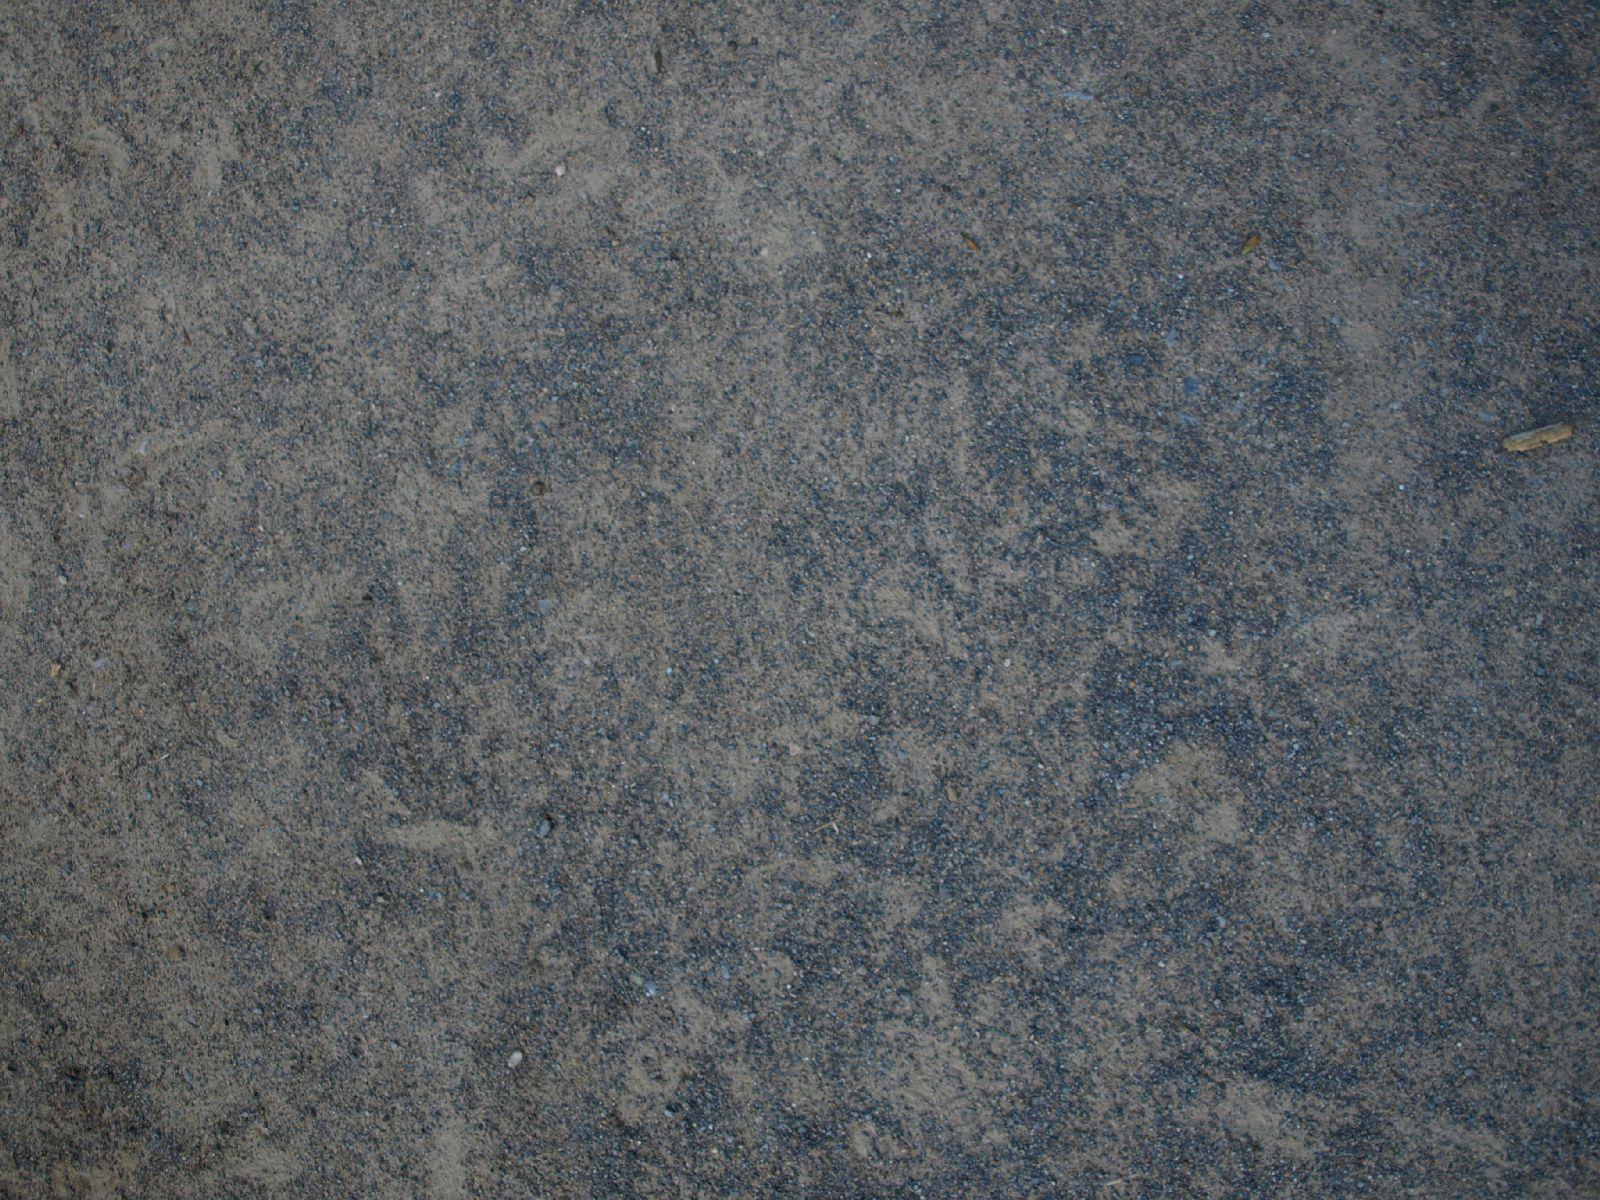 Boden-Erde-Steine_Textur_A_P8154264